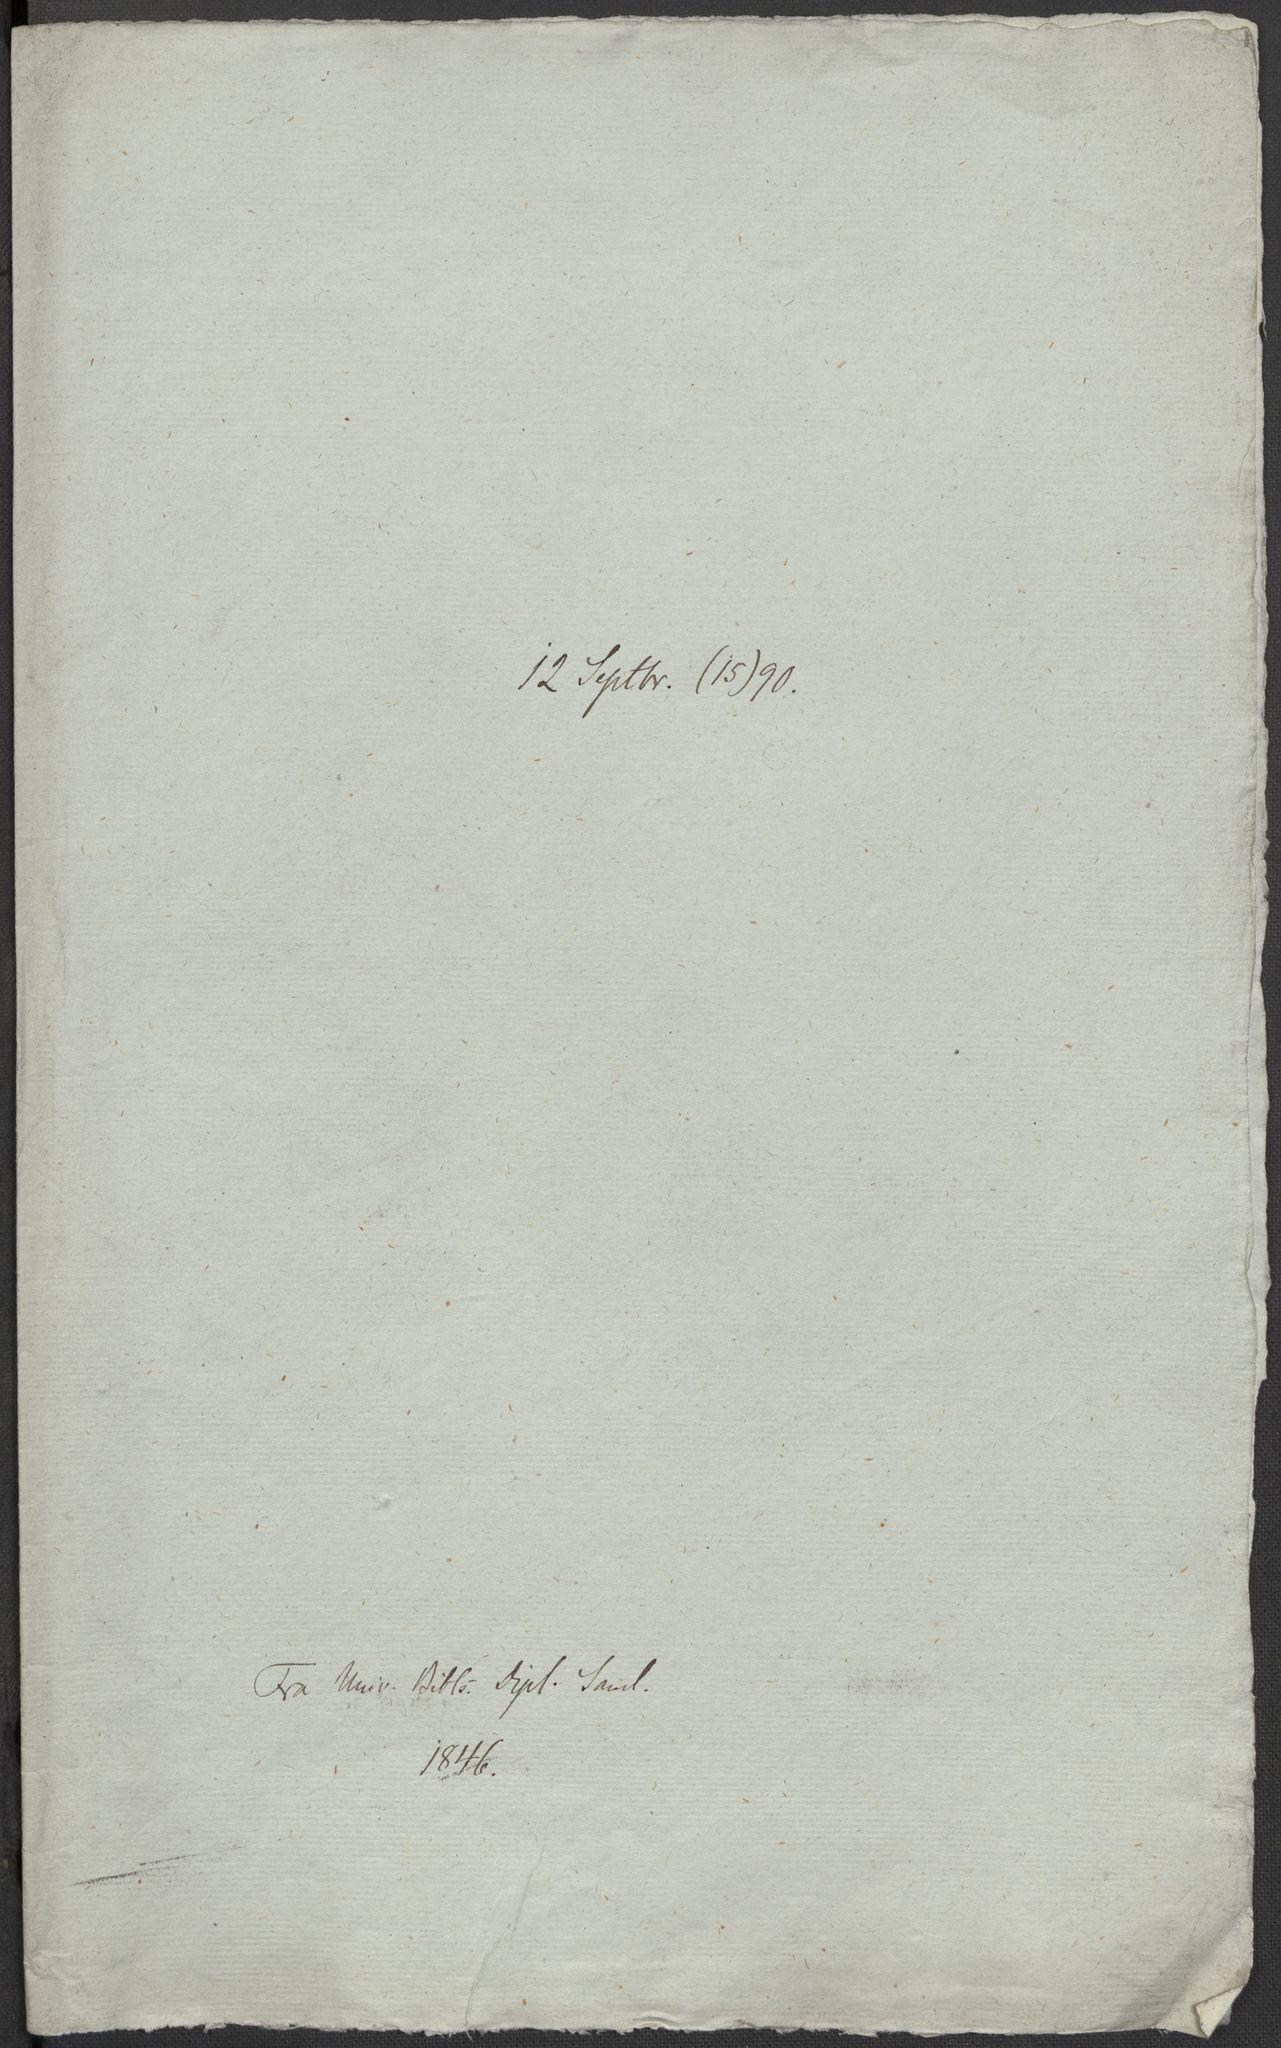 RA, Riksarkivets diplomsamling, F02/L0092: Dokumenter, 1590, s. 12